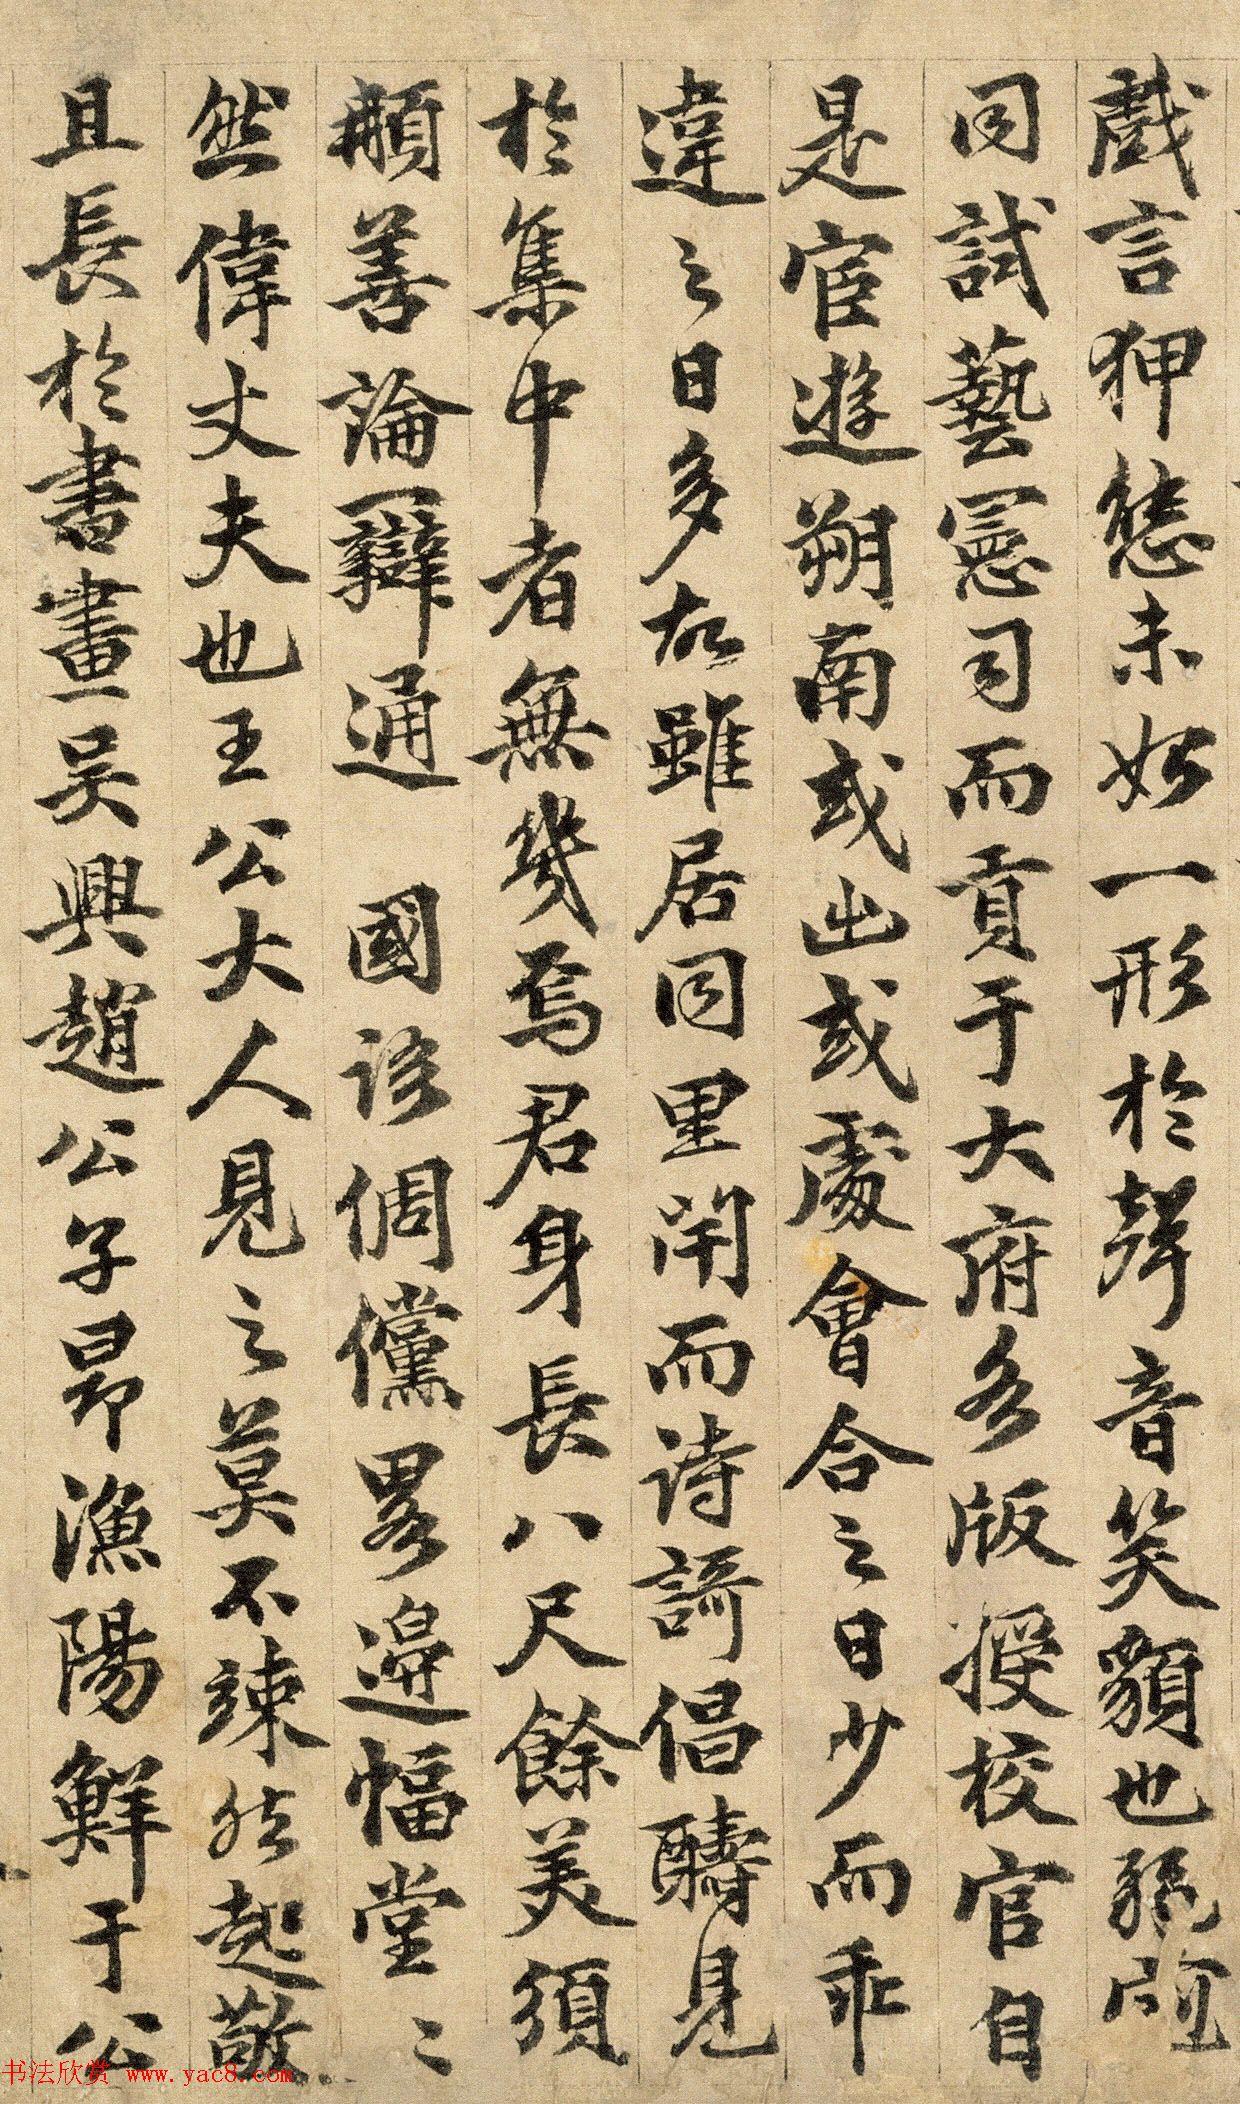 元代俞希鲁书法《郭天锡文集序》